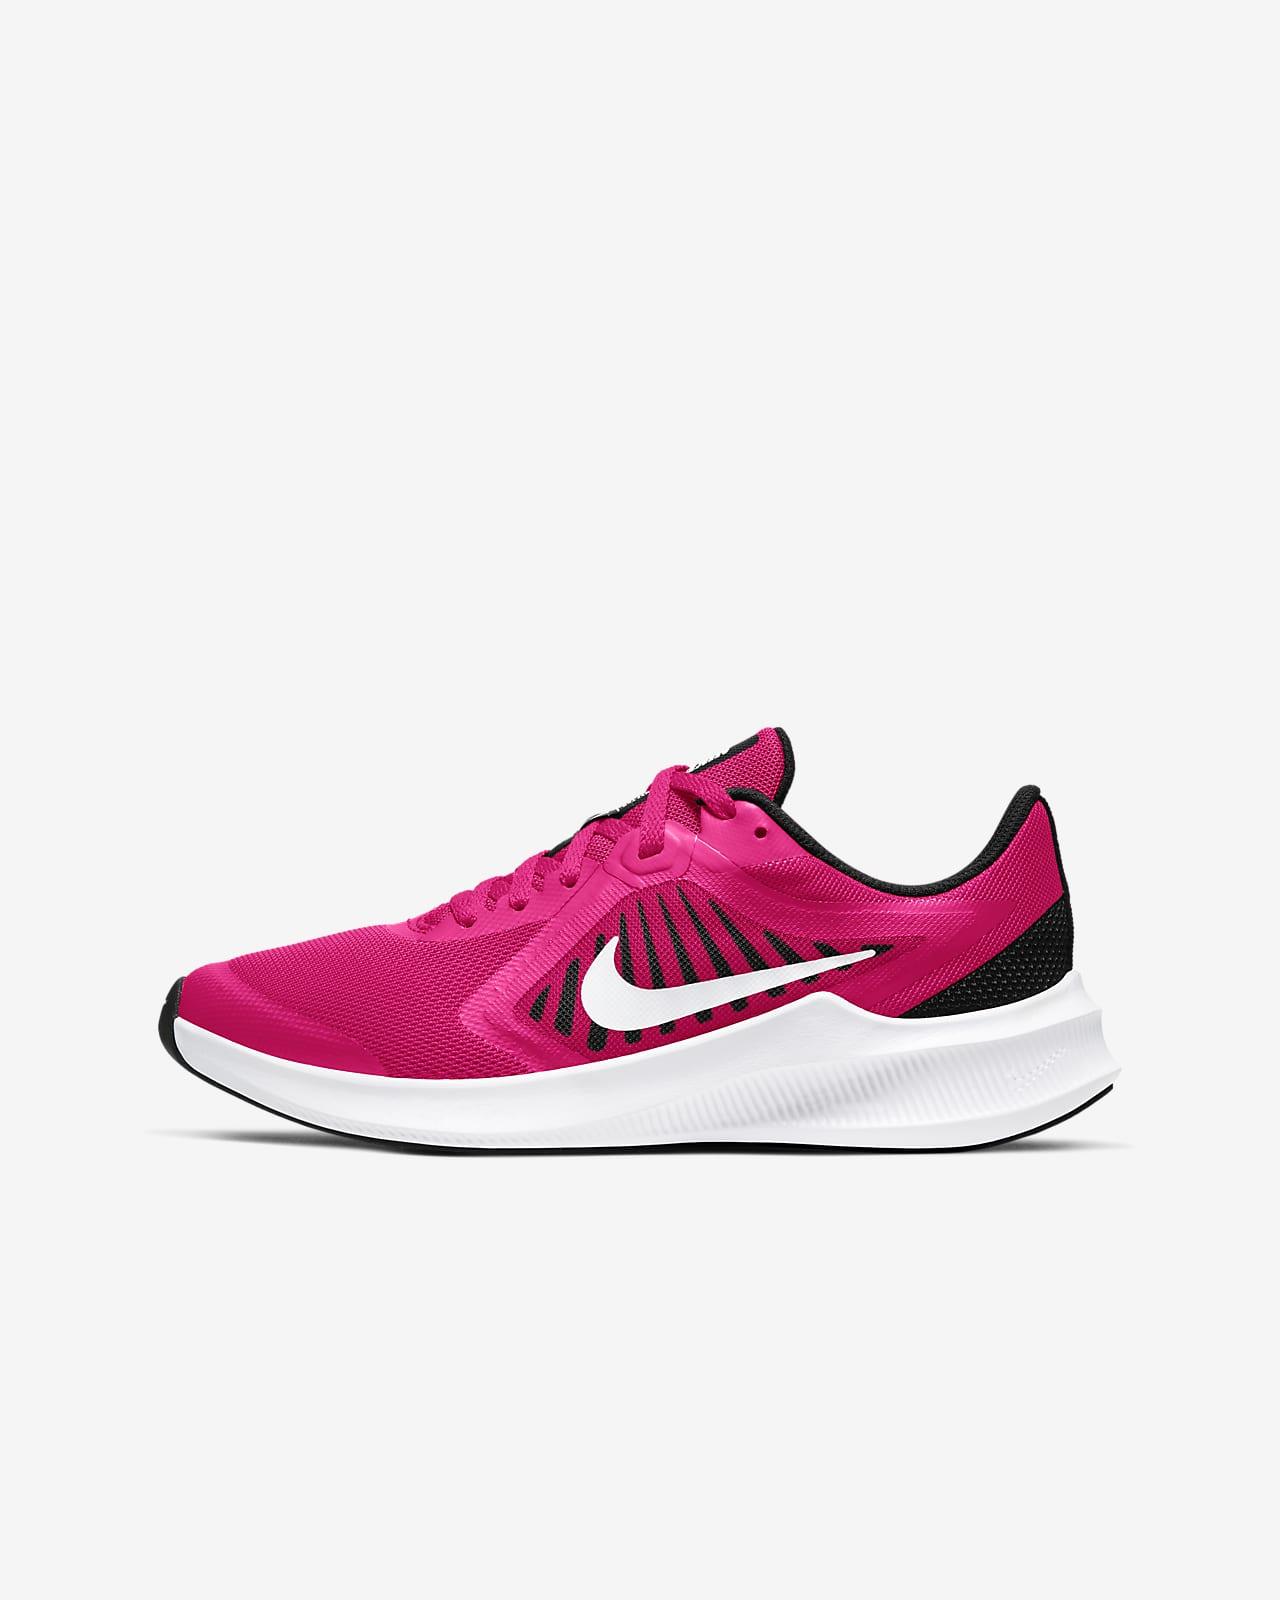 Scarpa da running Nike Downshifter 10 - Ragazzi